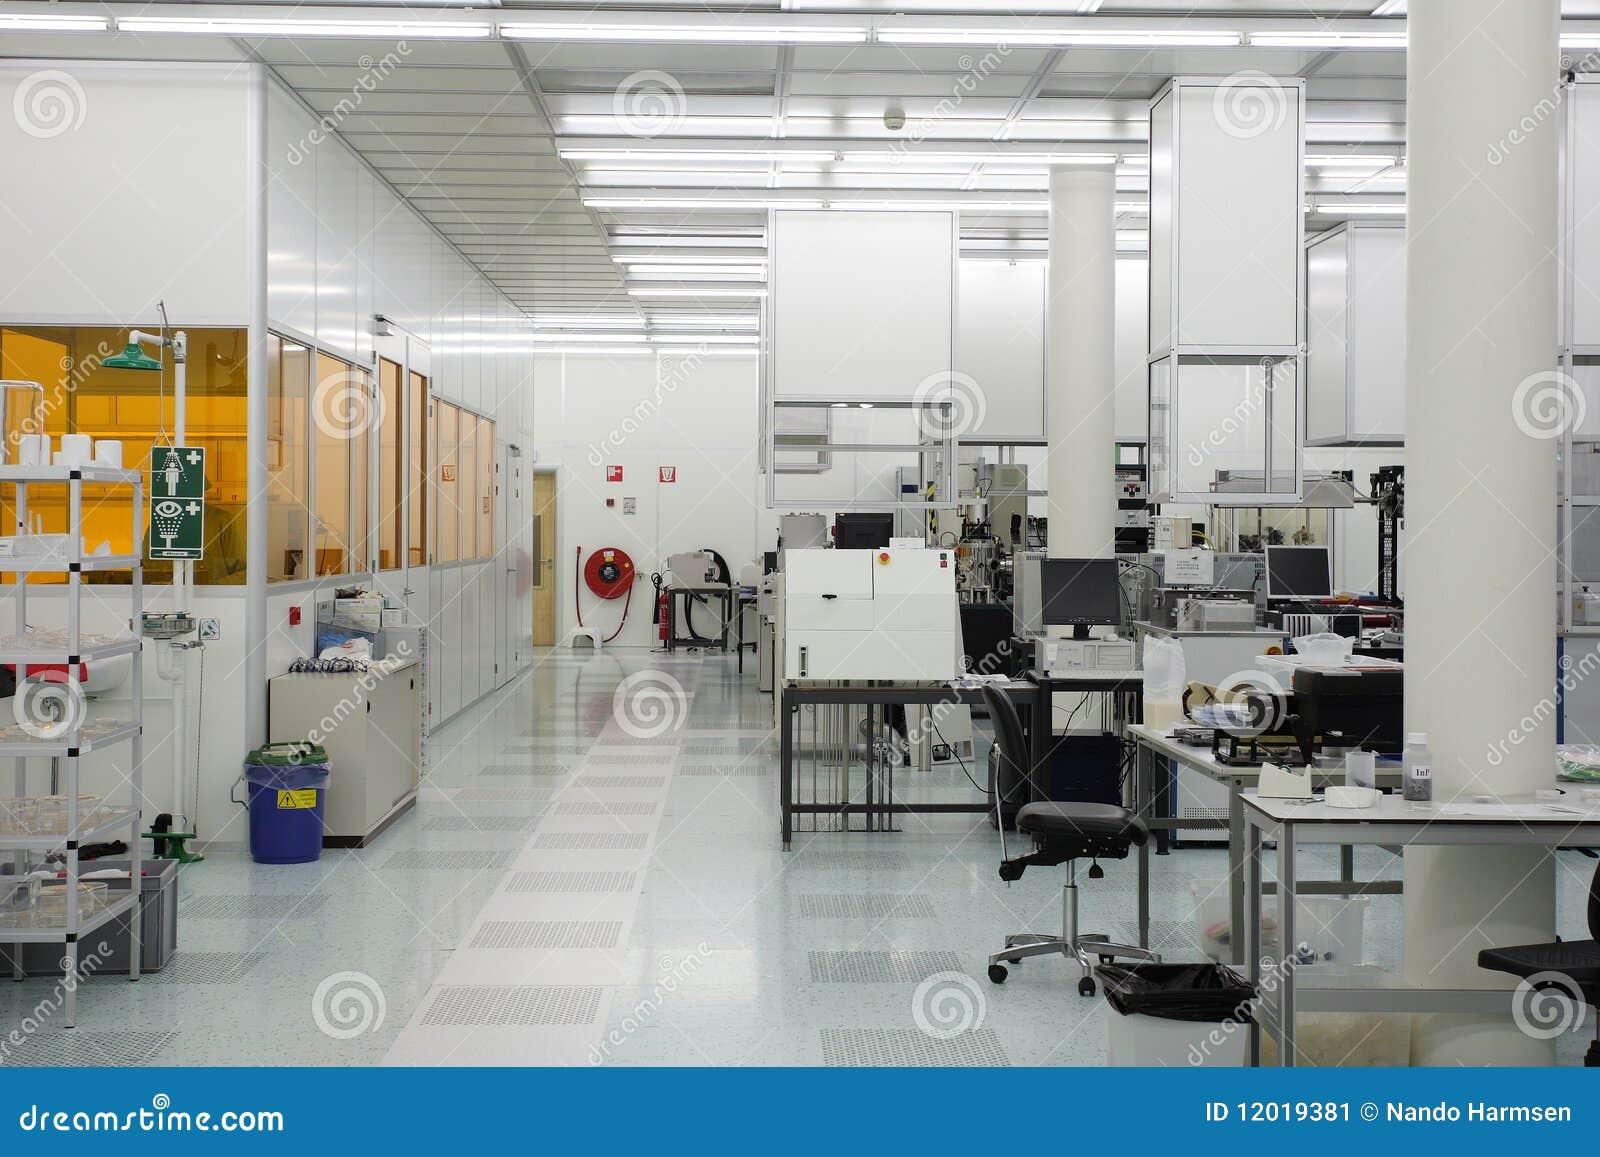 Hi-tech clean room